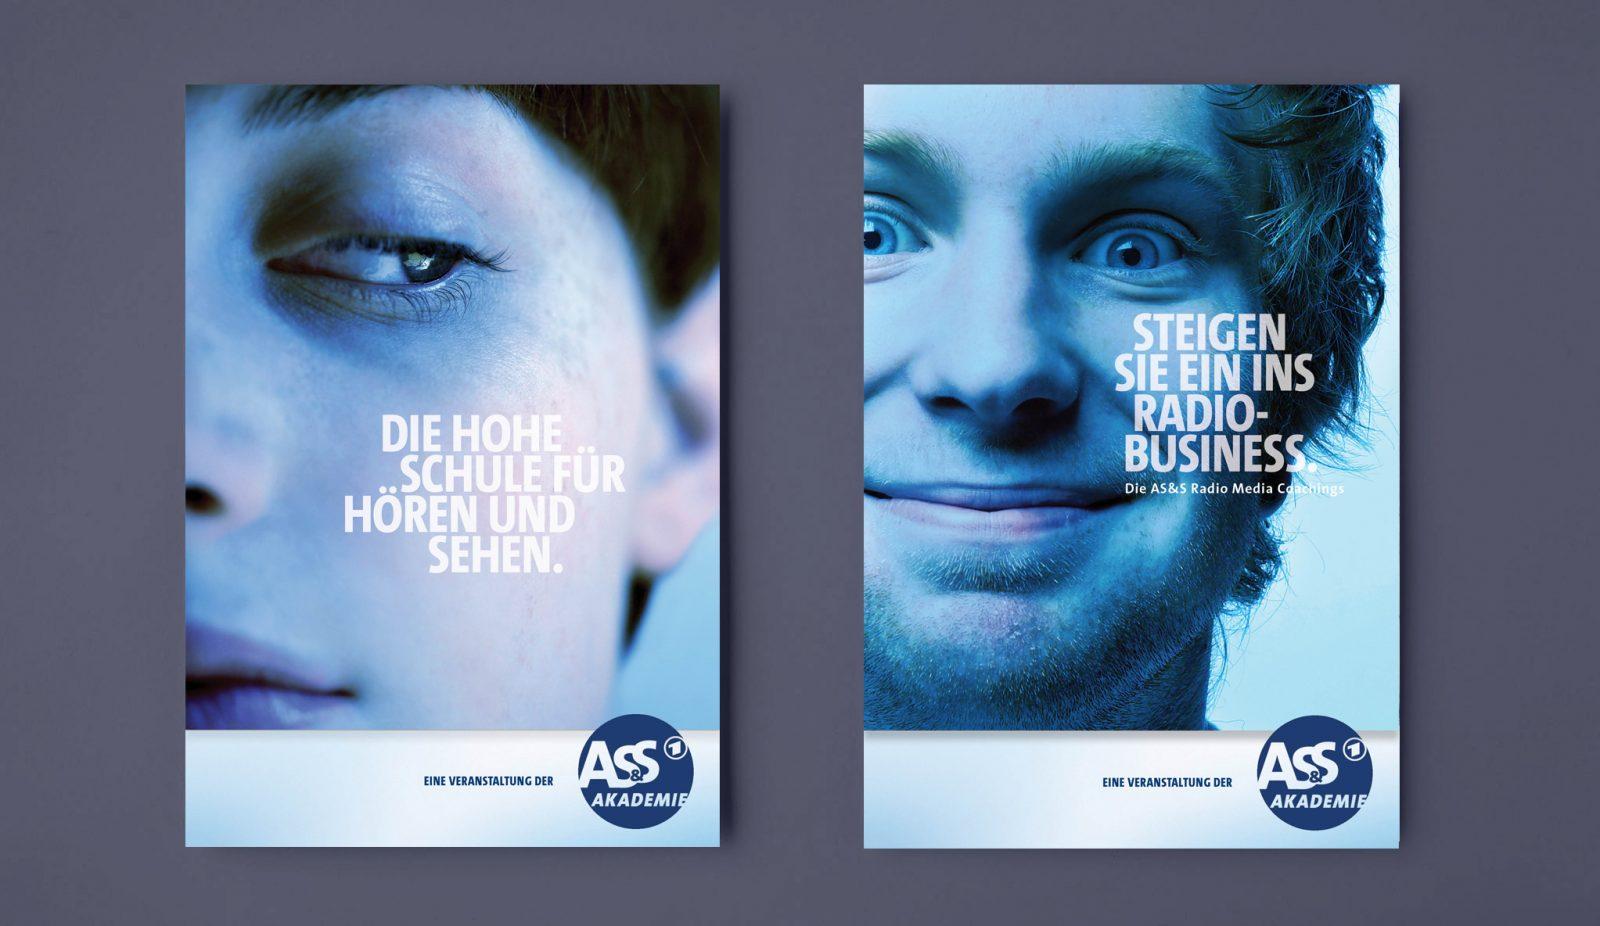 Akademie_Plakat 2